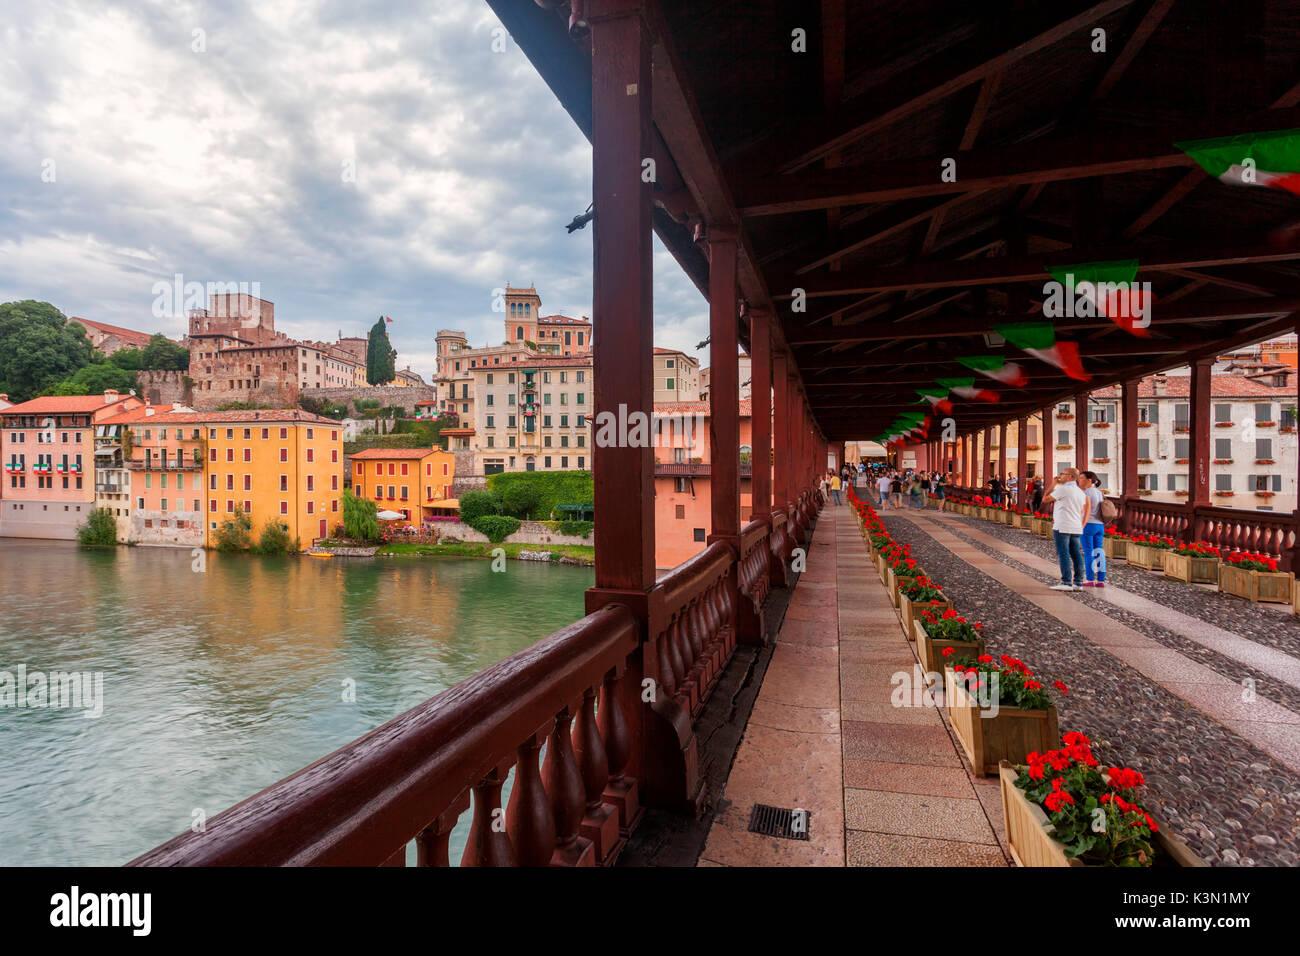 Architetto Bassano Del Grappa il ponte vecchio o ponte degli alpini (alpini's bridge) è la